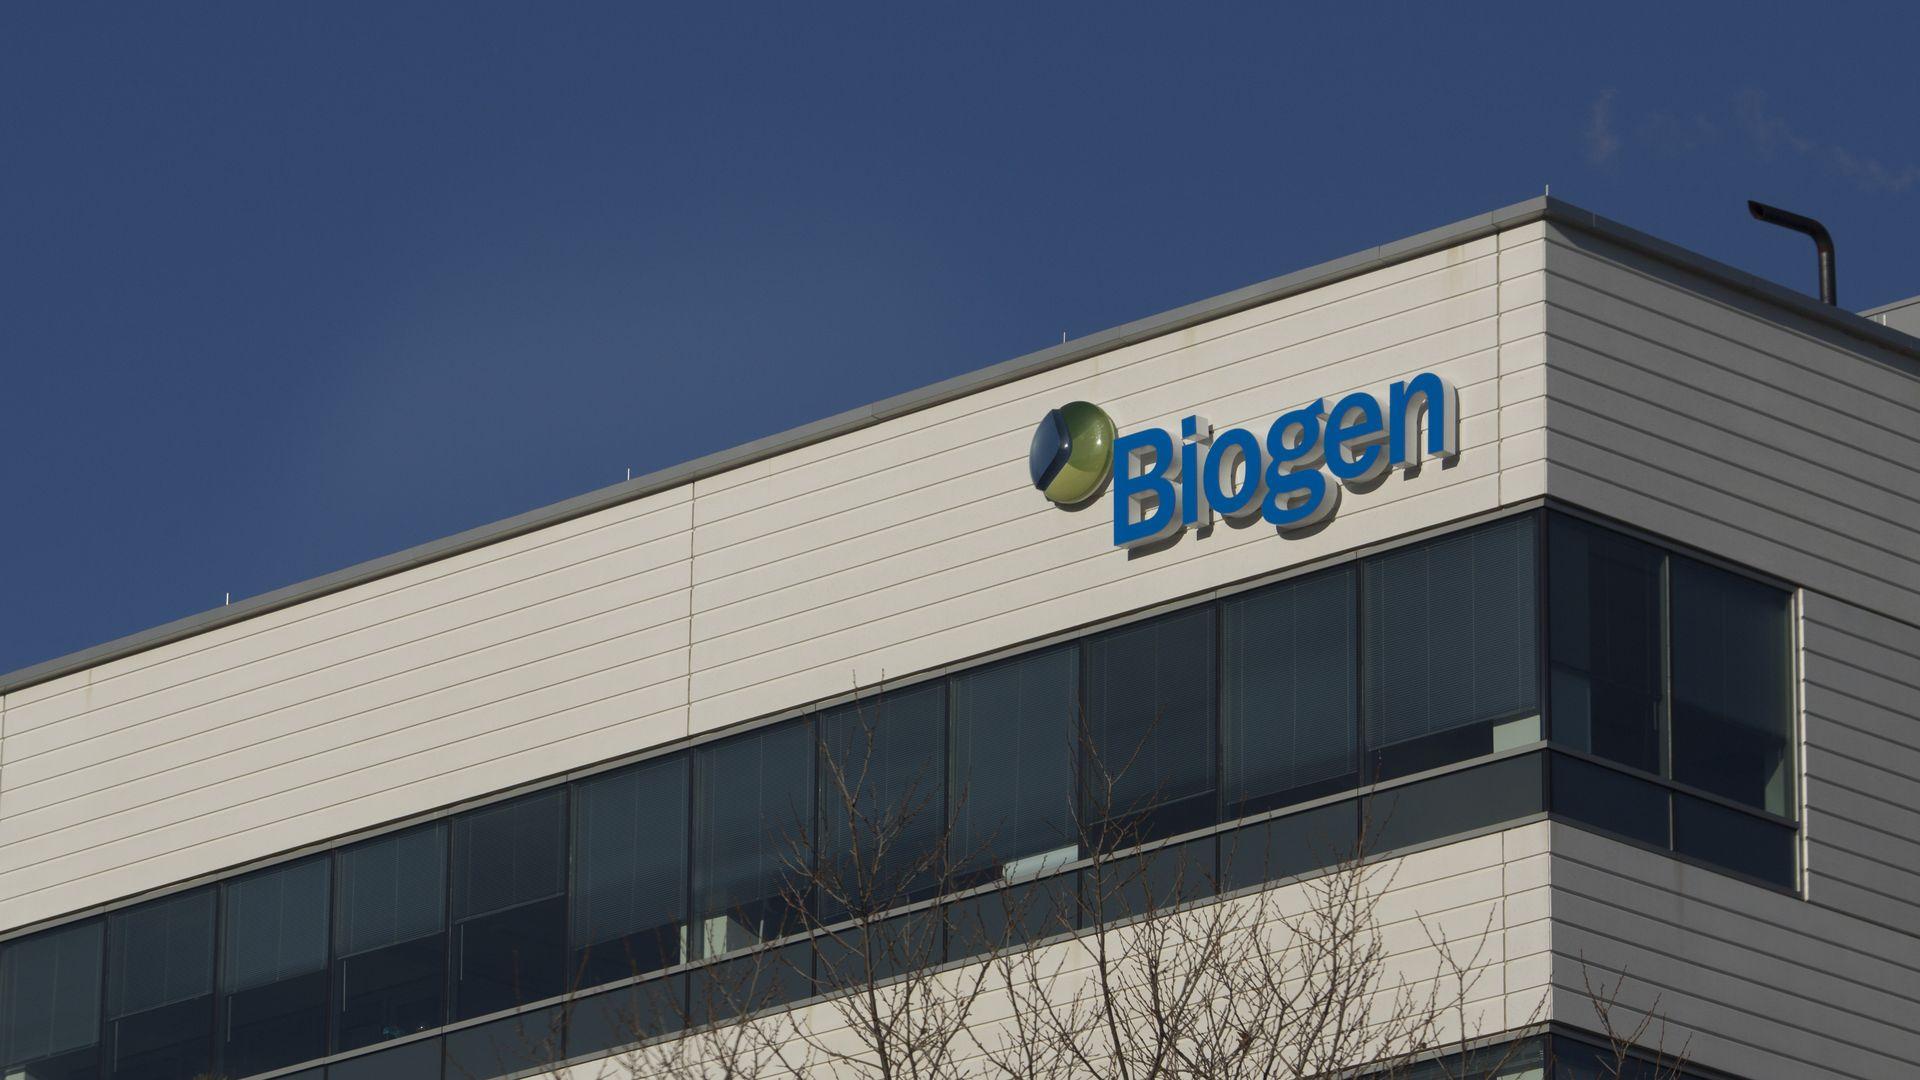 Biogen headquarters building.